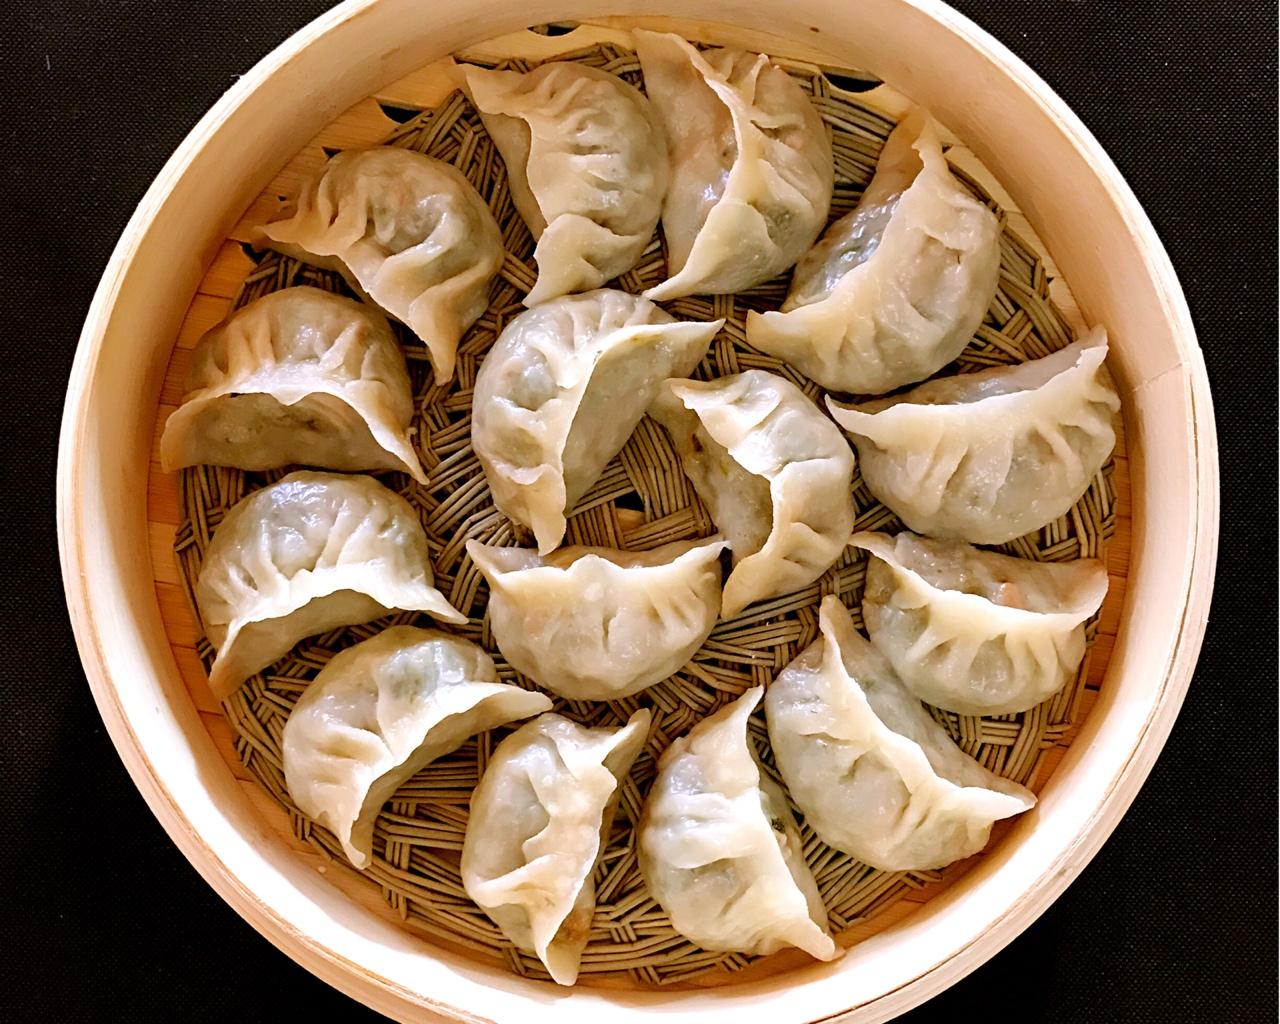 烧腊大全图片_烫面蒸饺图片大全集 - 美食照片、家常菜谱真实高清图片欣赏